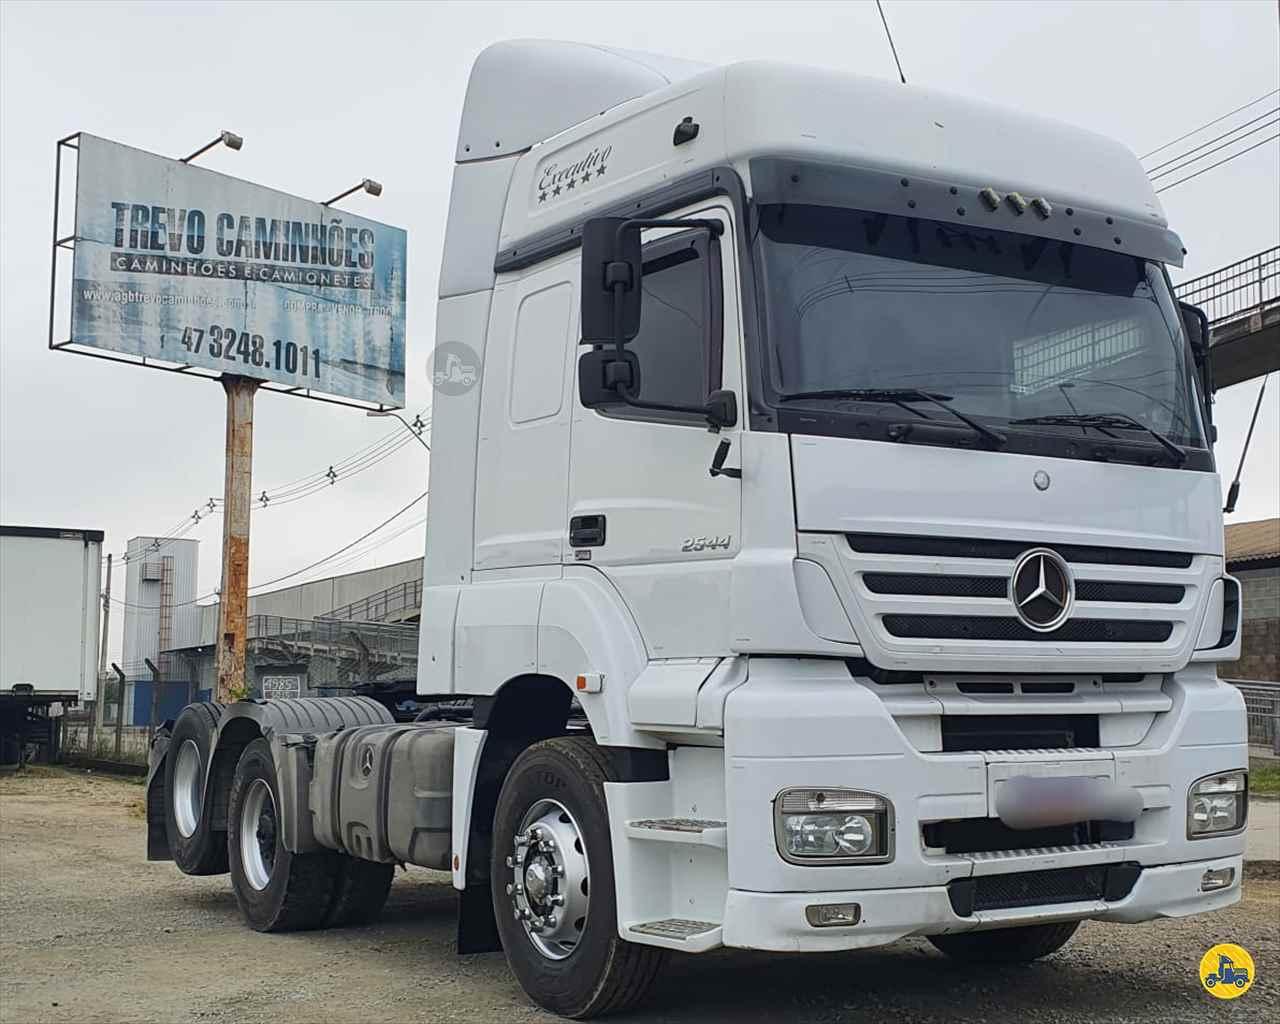 CAMINHAO MERCEDES-BENZ MB 2544 Cavalo Mecânico Truck 6x2 Trevo Caminhões - AGB ITAJAI SANTA CATARINA SC